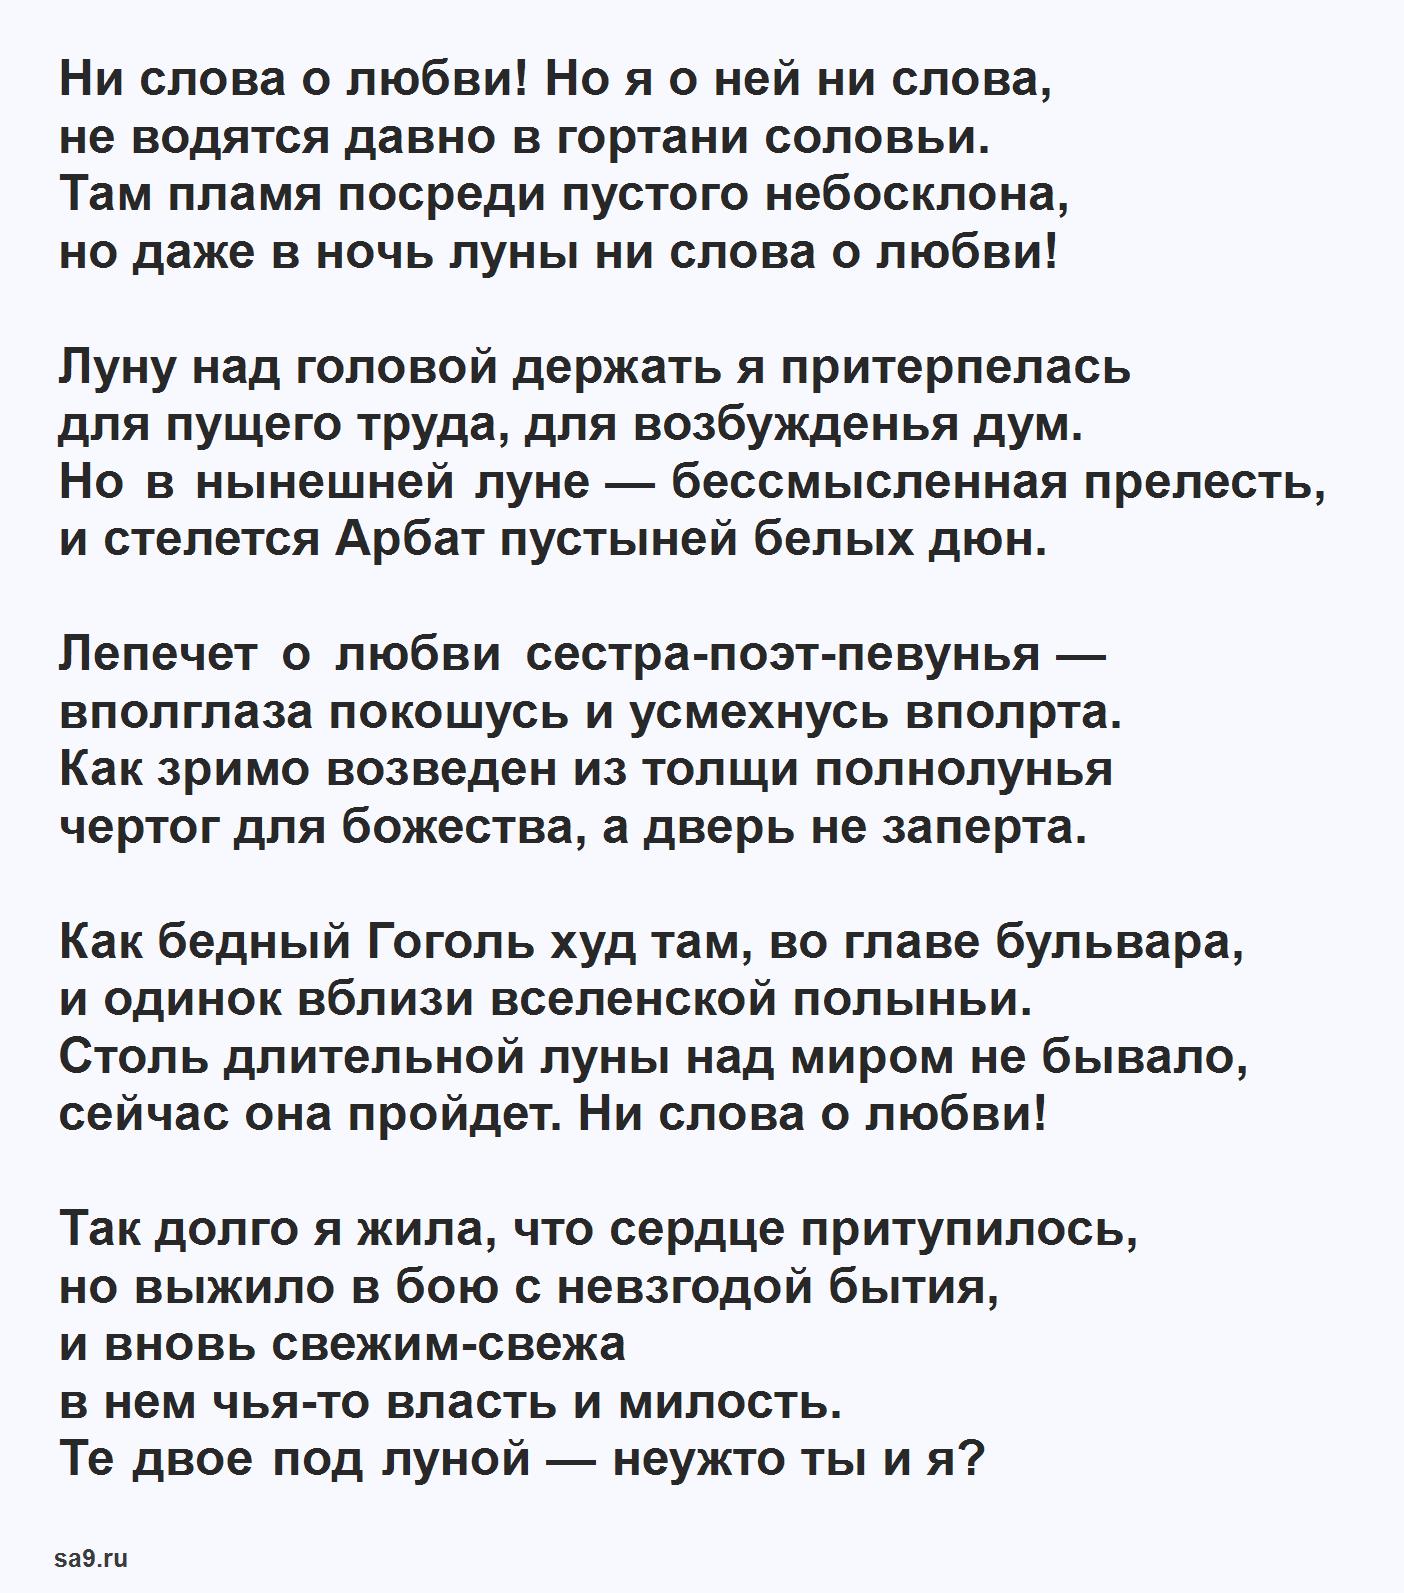 Красивые стихи Ахмадулиной - Ни слова о любви